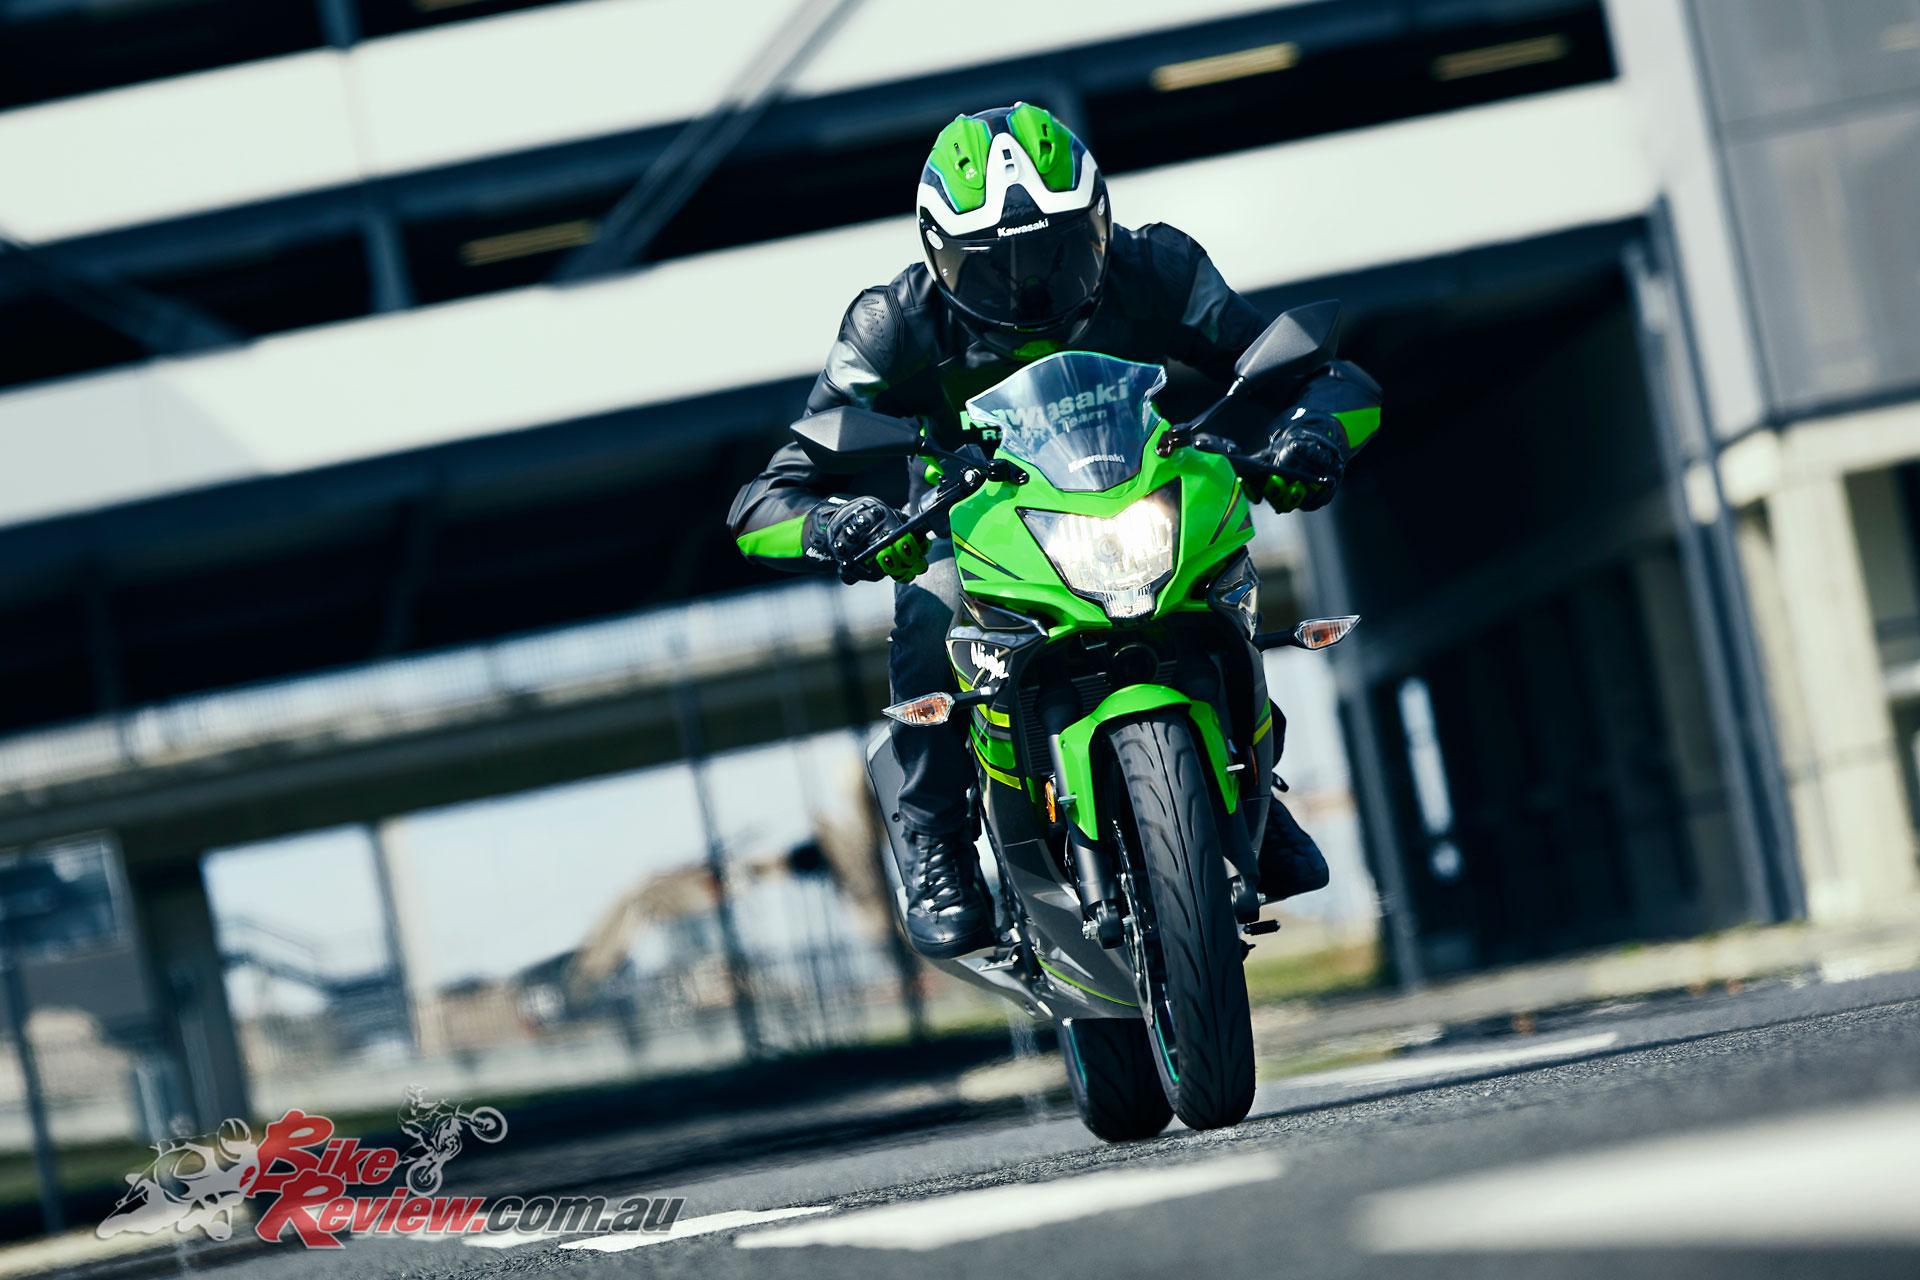 New Model 2019 Kawasaki Z125 Ninja 125 Bike Review